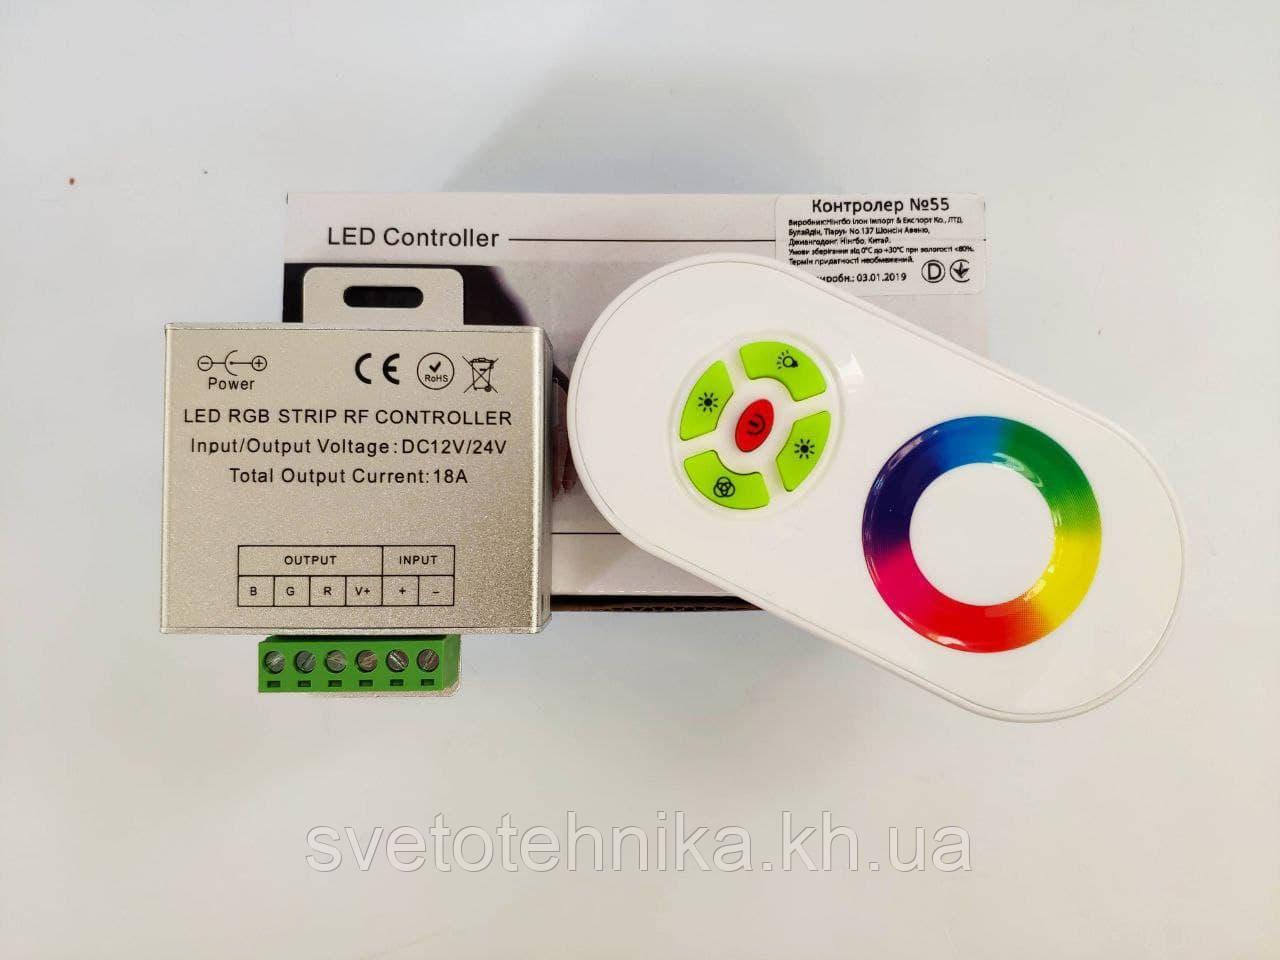 Контроллер для  светодиодной ленты RGB 18А RF White (Touch) №55 c сенсорным управлением DC 12-24V Max 18A